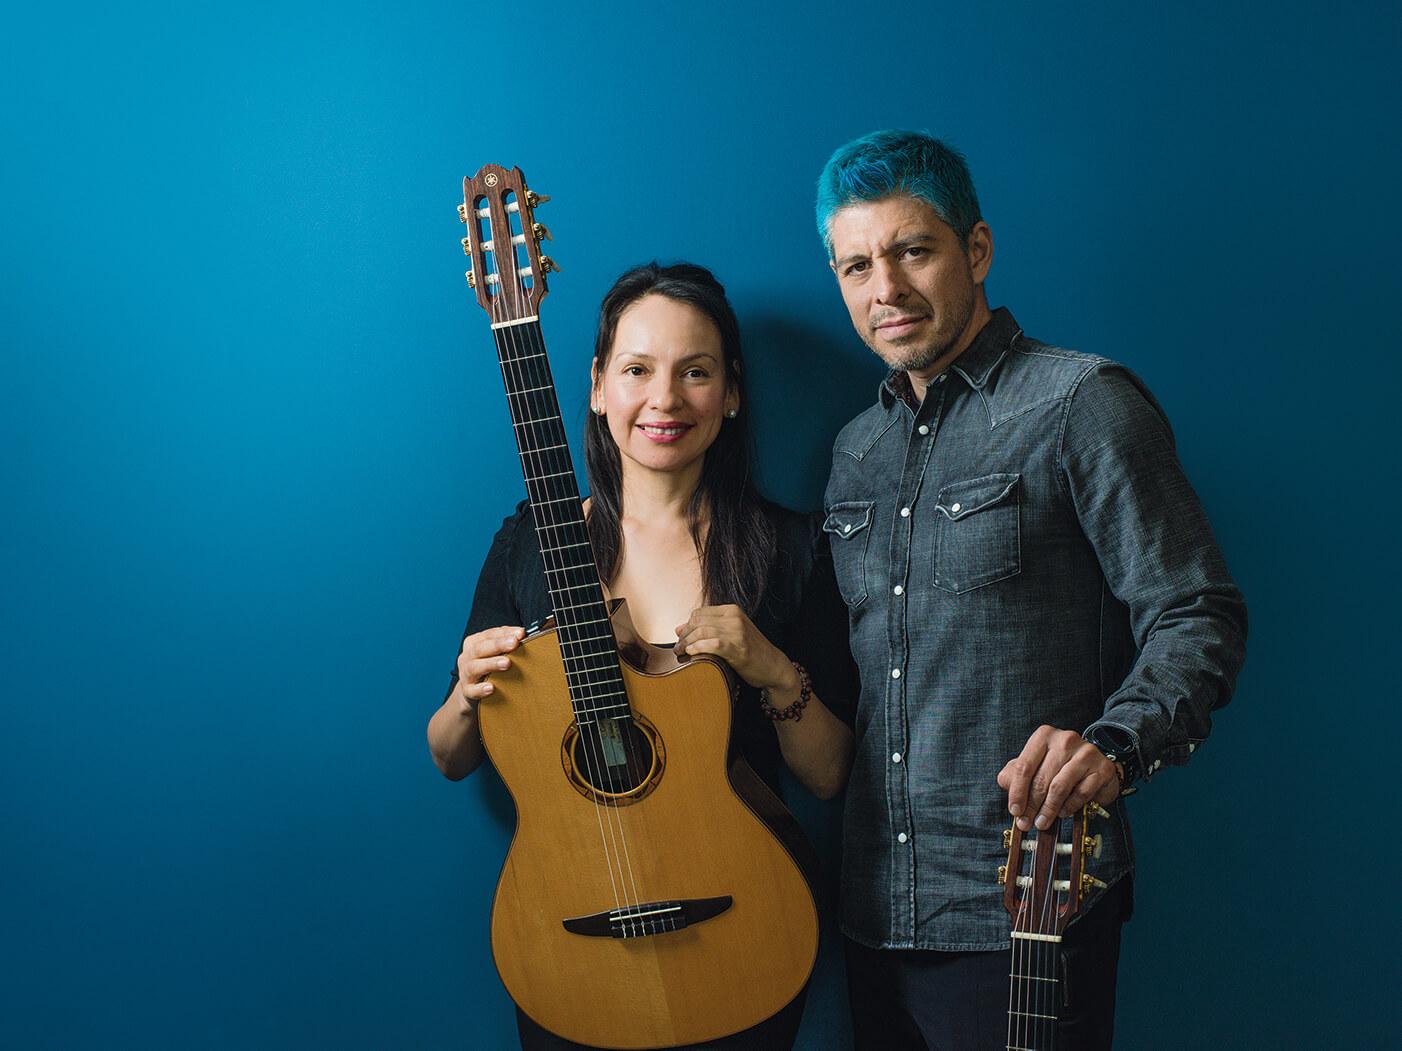 Interview Rodrigo y Gabriela side by side